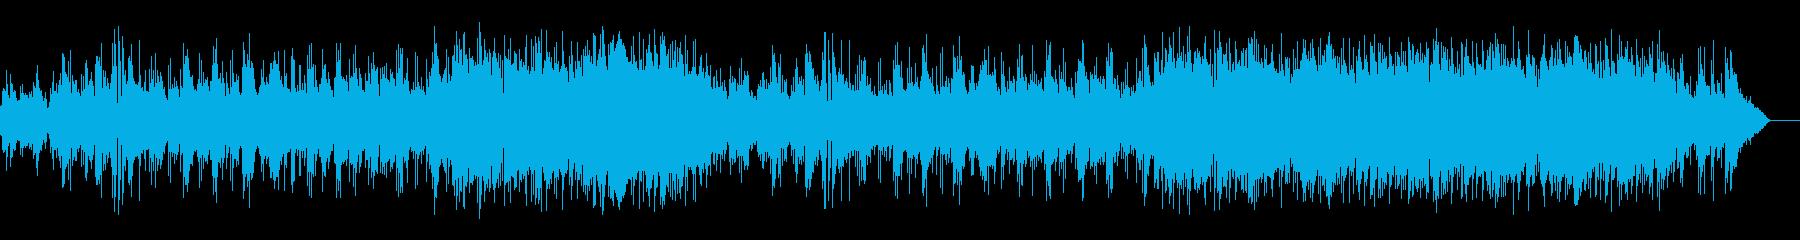 アダルトでアーバンな切ないフュージョンの再生済みの波形